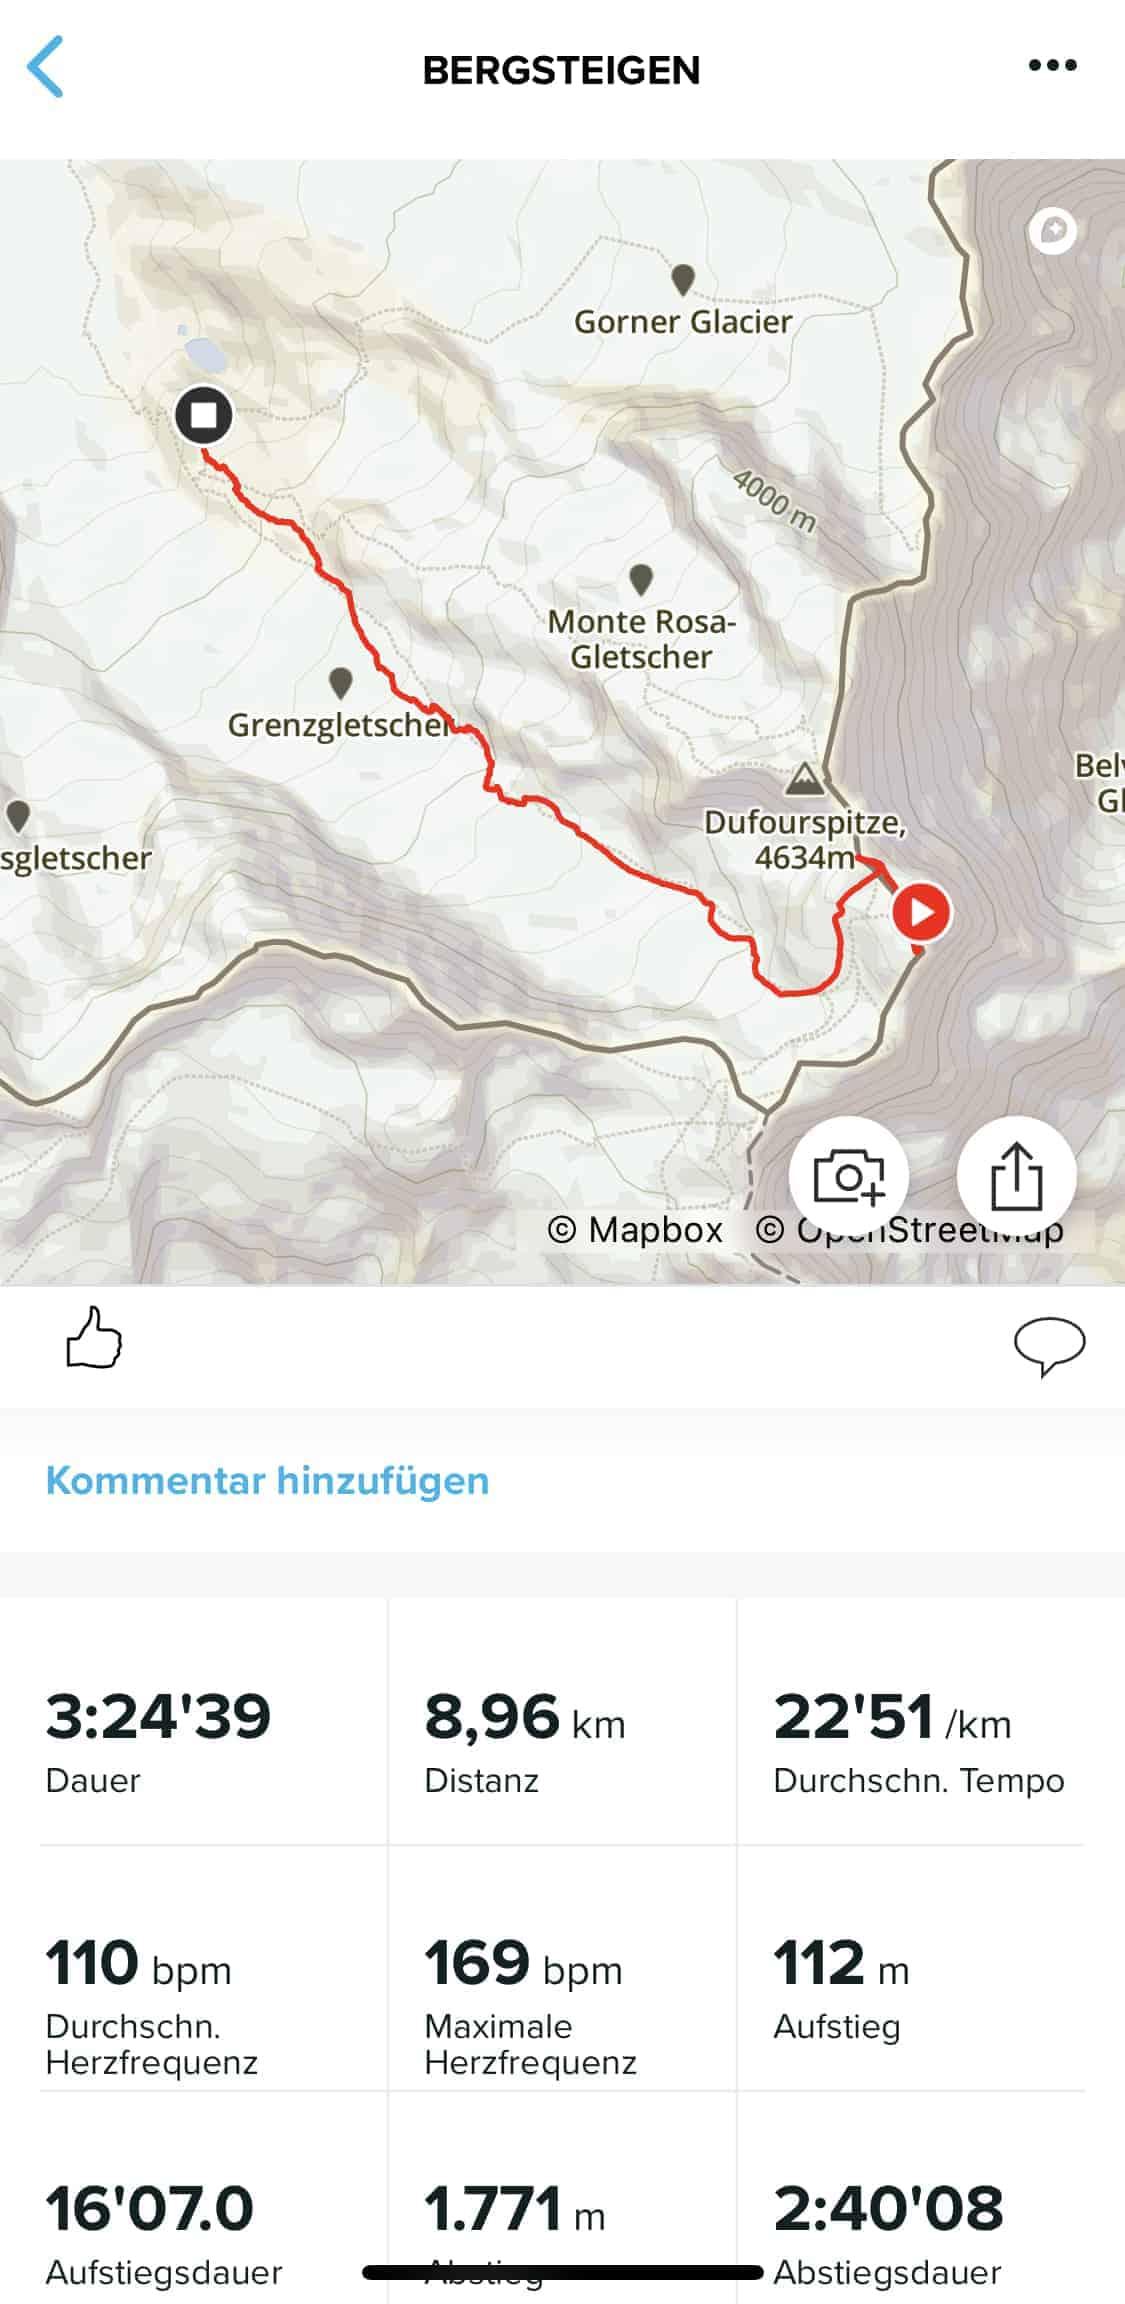 IMG 6514 - Suunto Baro 9 -die perfekte Uhr für Bergsteiger?